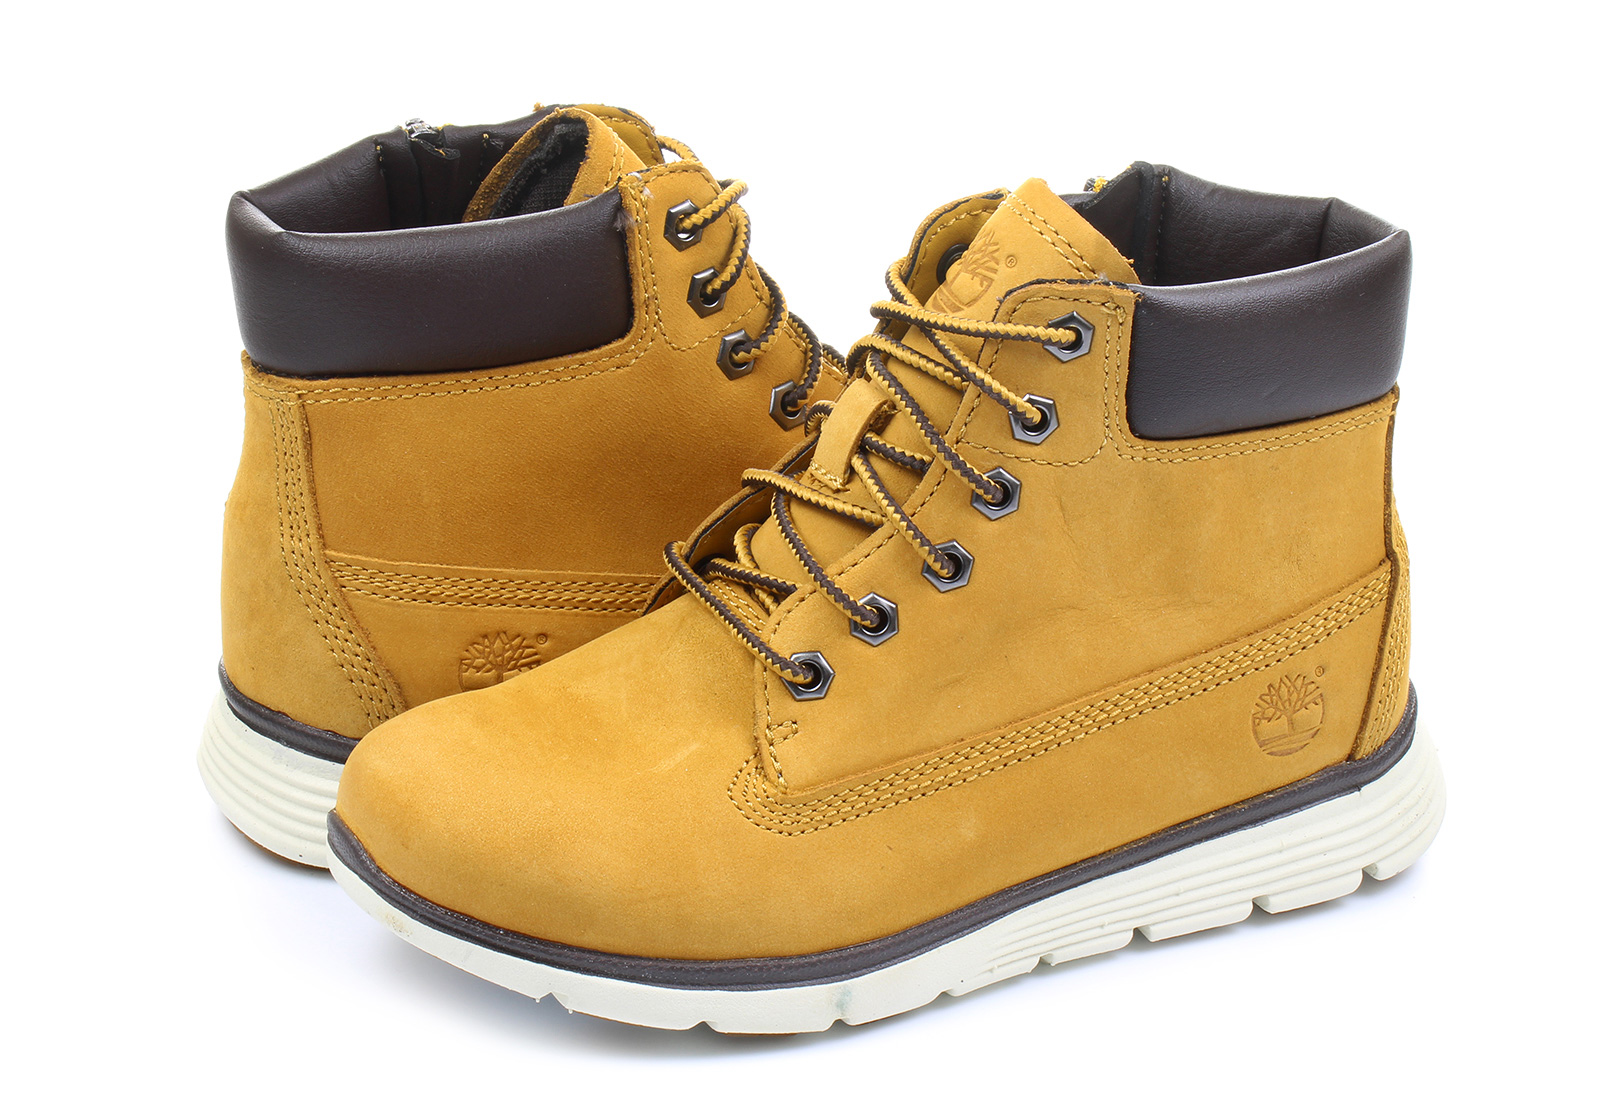 Timberland Buty Zimowe Killington 6 In a19jh whe Obuwie i buty damskie, meskie, dzieciece w Office Shoes